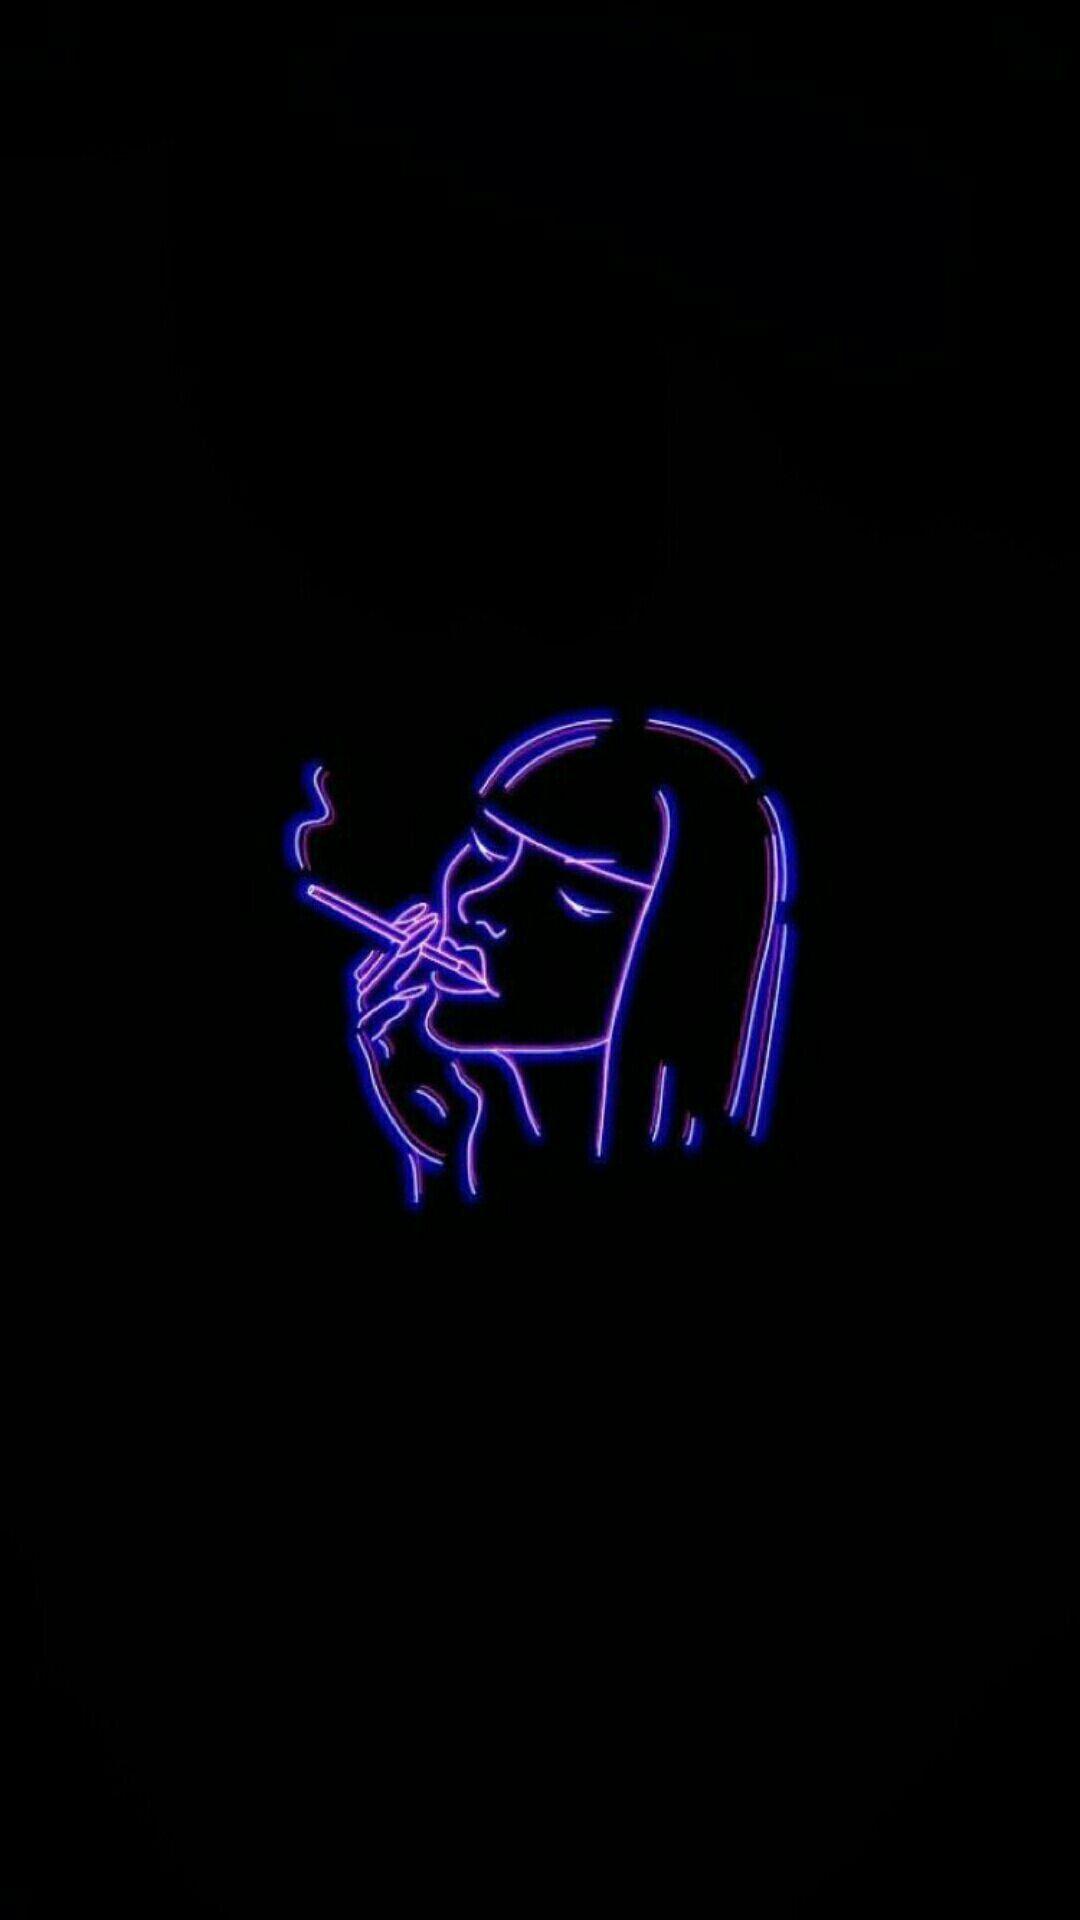 Icon-Walpaper - 《1》 |  Tanda iluminasi, Neon, pencahayaan Neon